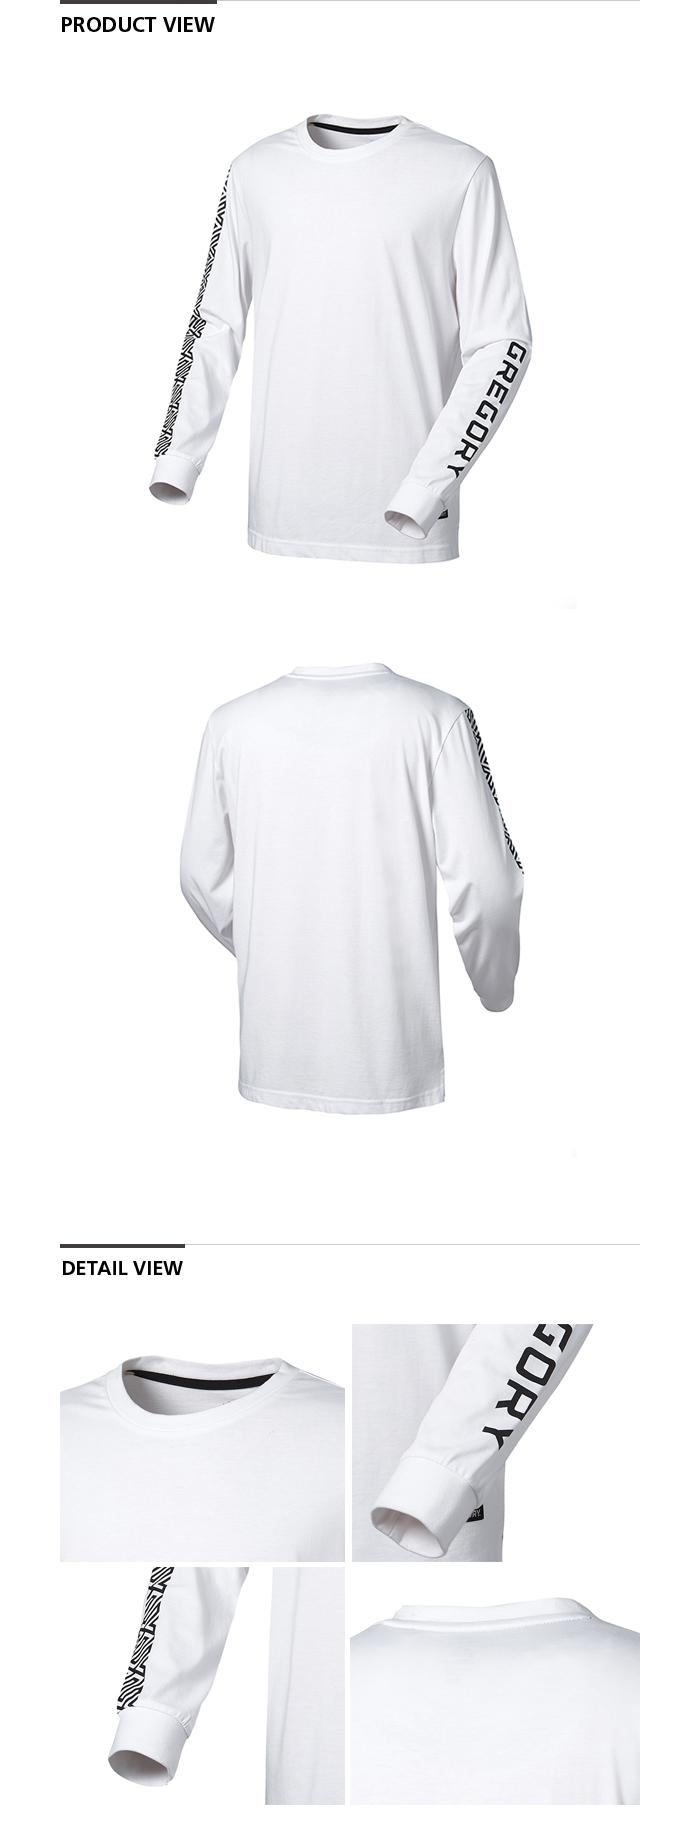 그레고리(GREGORY) 반다 긴팔 티셔츠 - 화이트